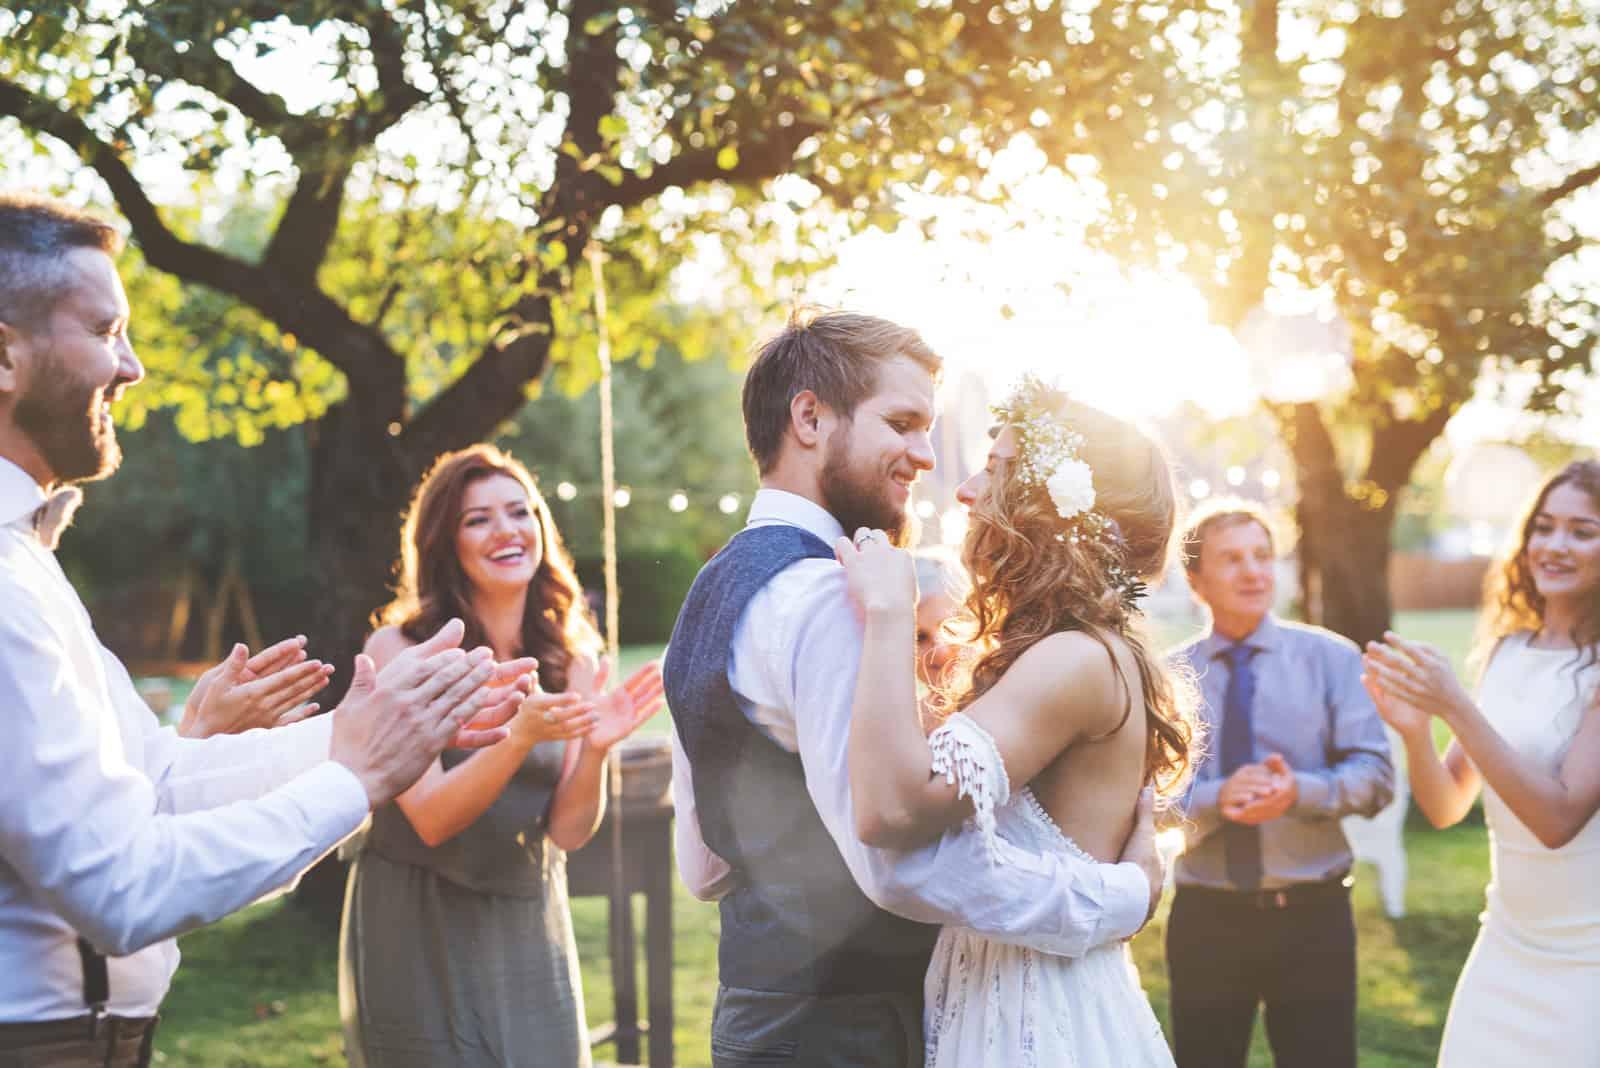 un homme et une femme dansent lors d'un mariage